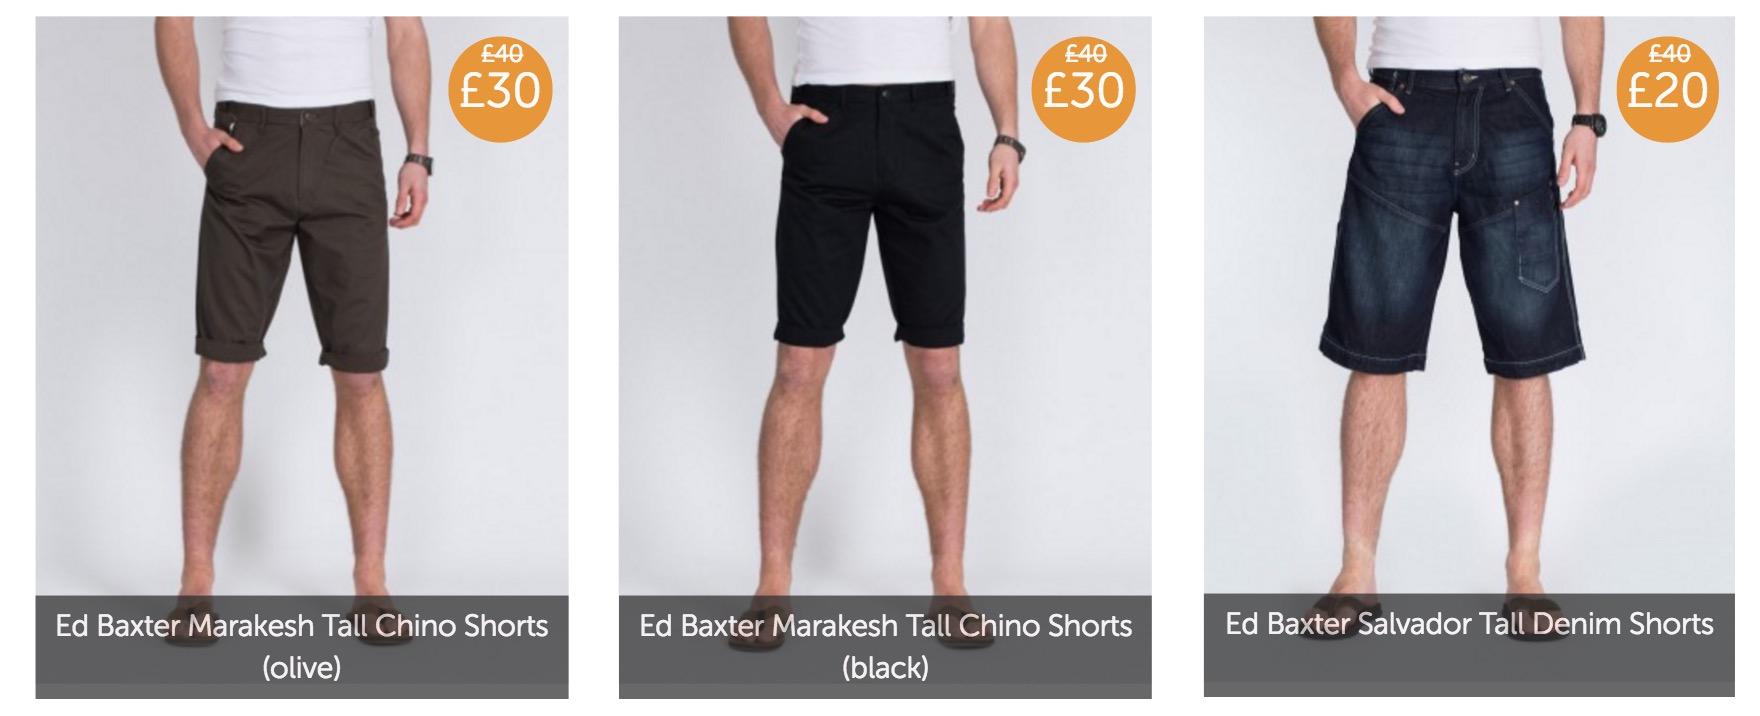 2 tall shorts